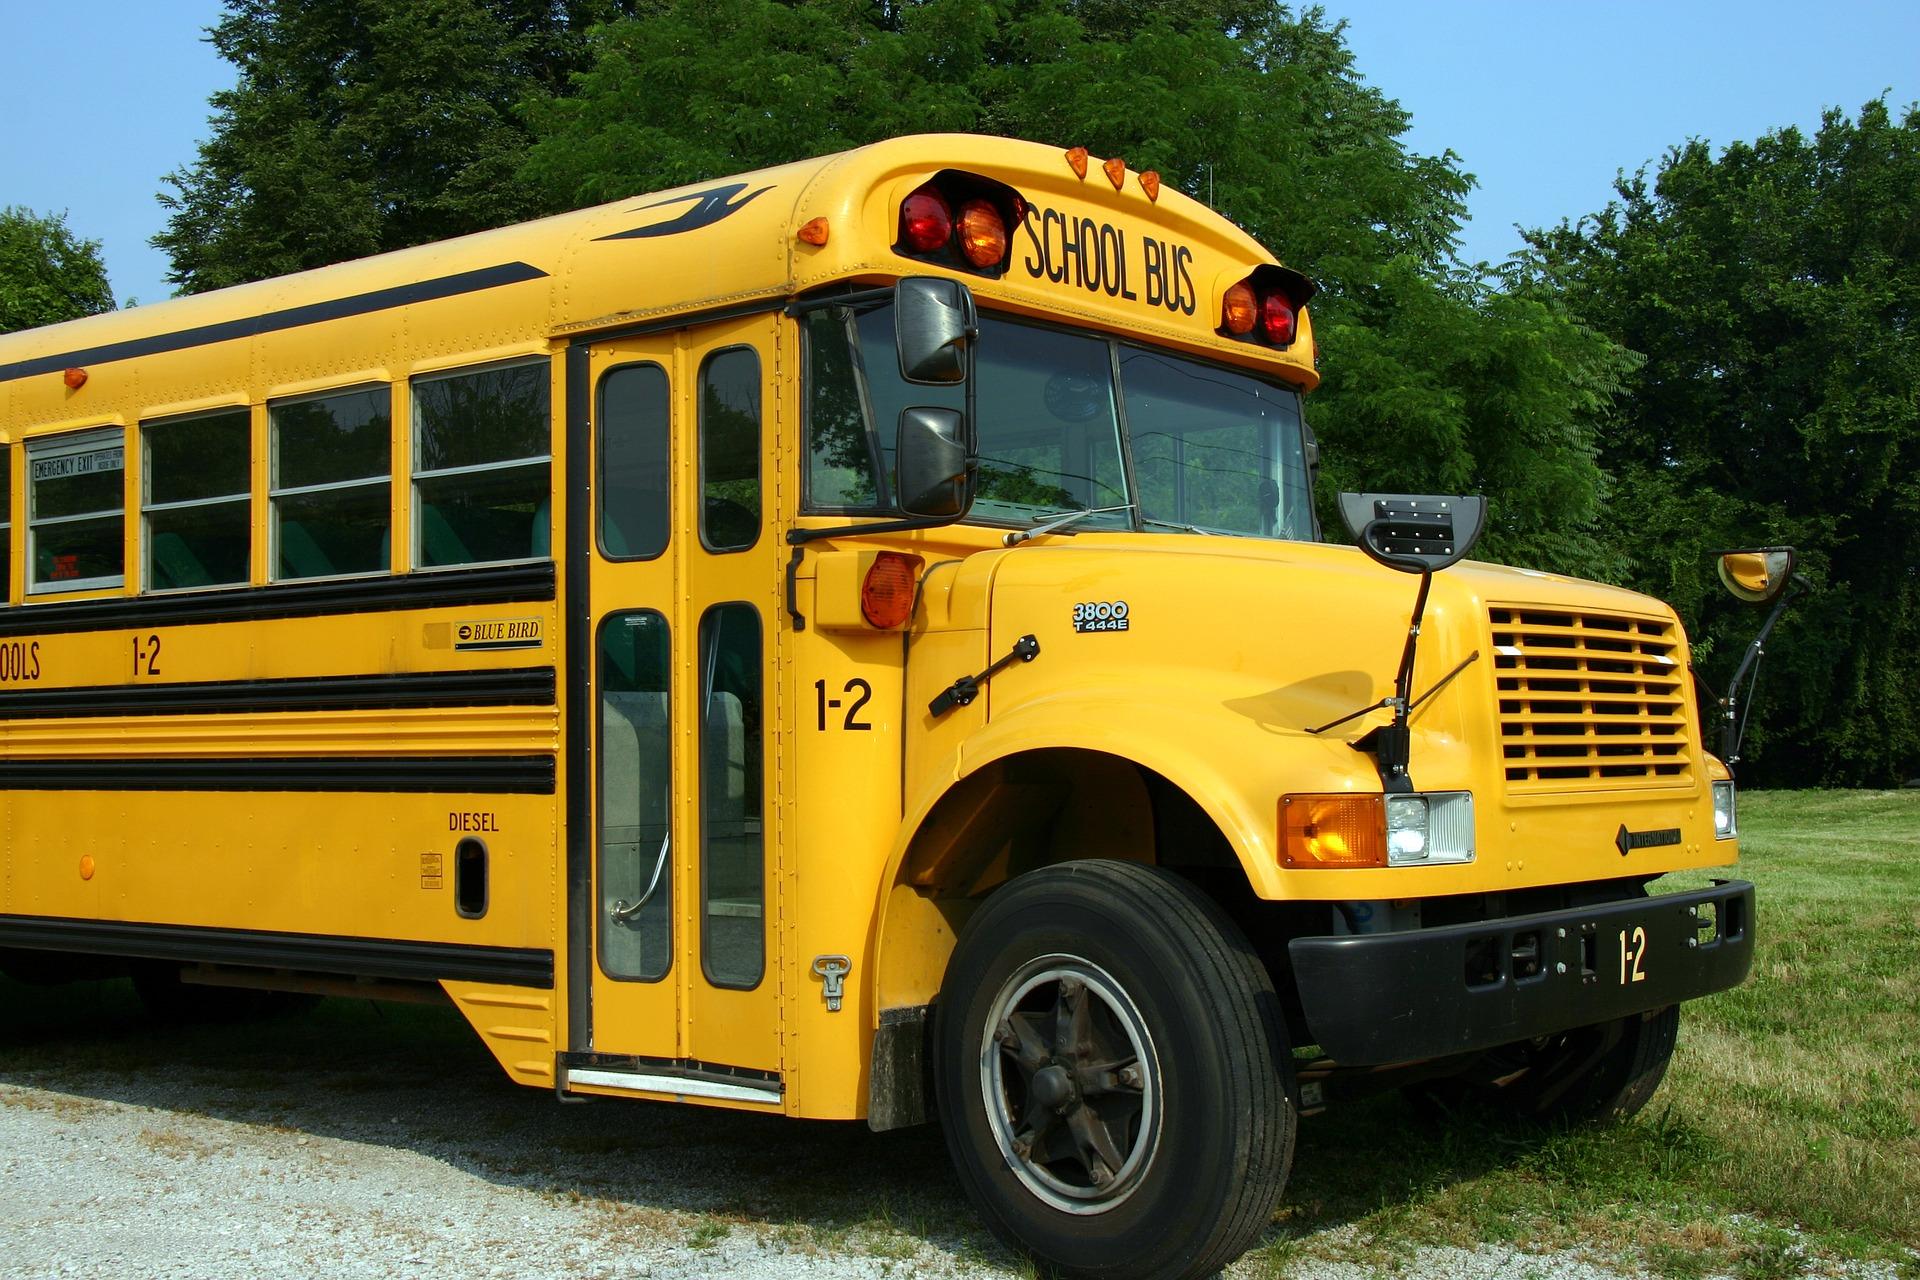 school-bus-2645085_1920.jpg